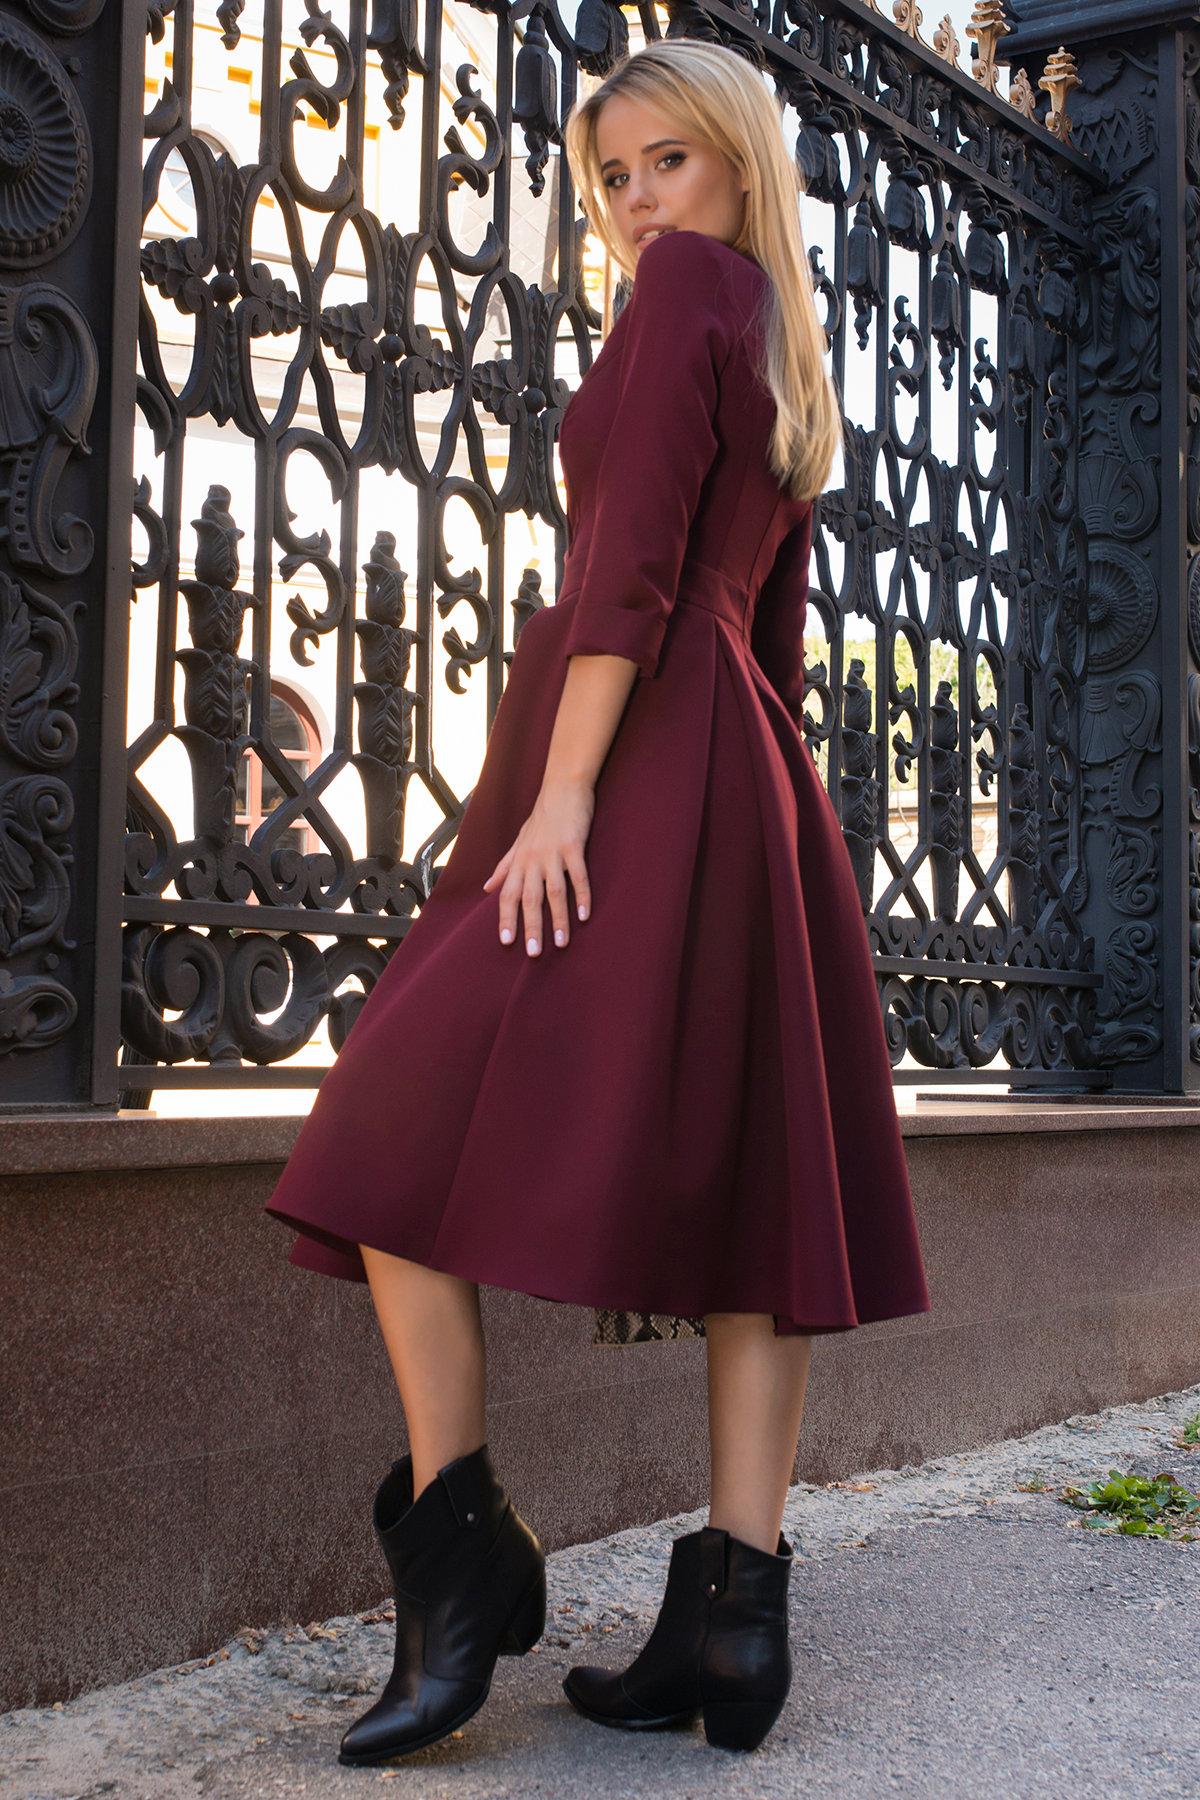 Платье с юбкой-солнце Аризона 7849 АРТ. 43843 Цвет: Винный - фото 3, интернет магазин tm-modus.ru